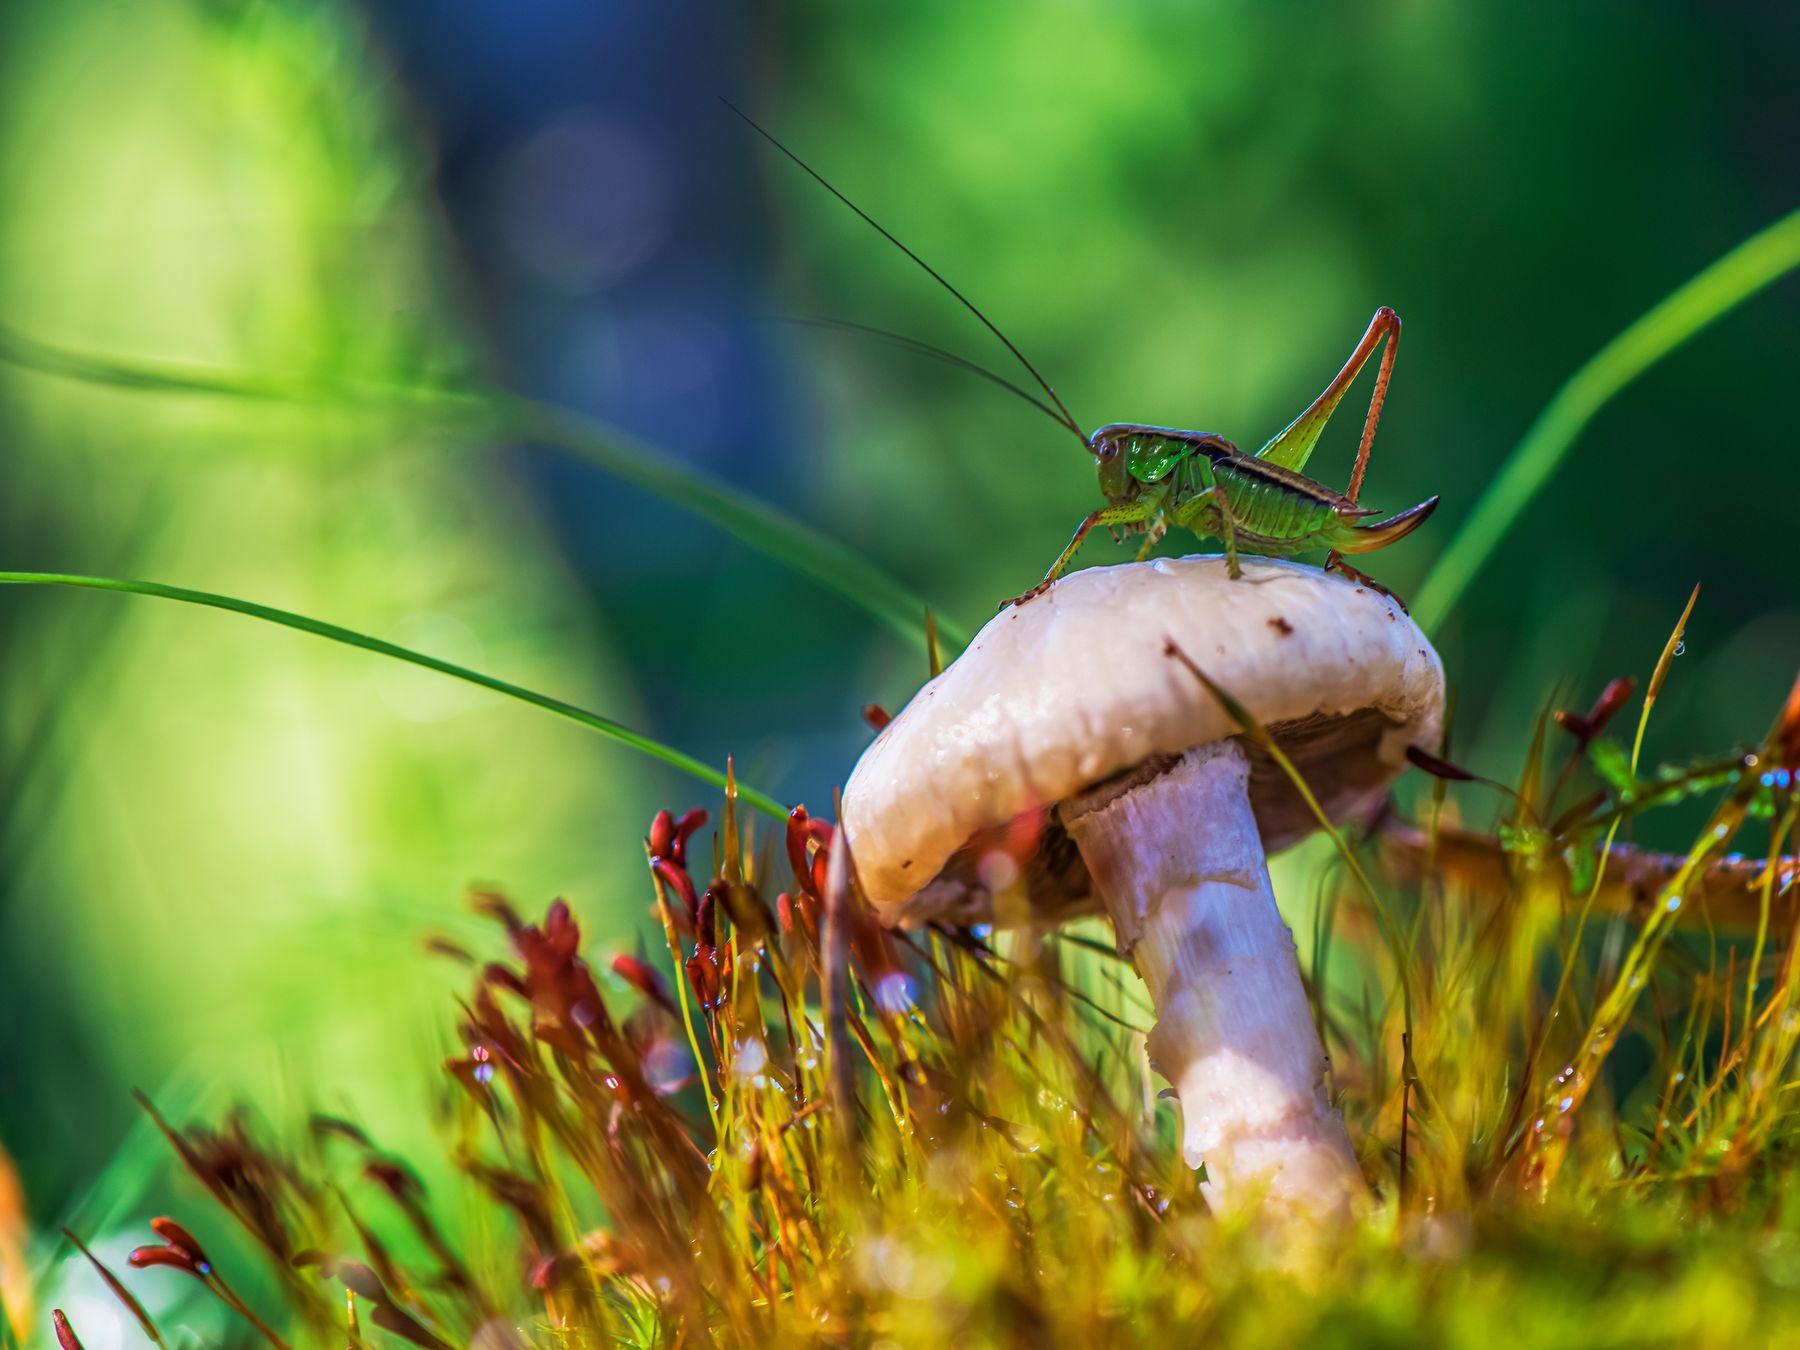 в траве сидел кузнечик кузнечик лето природа макро лес